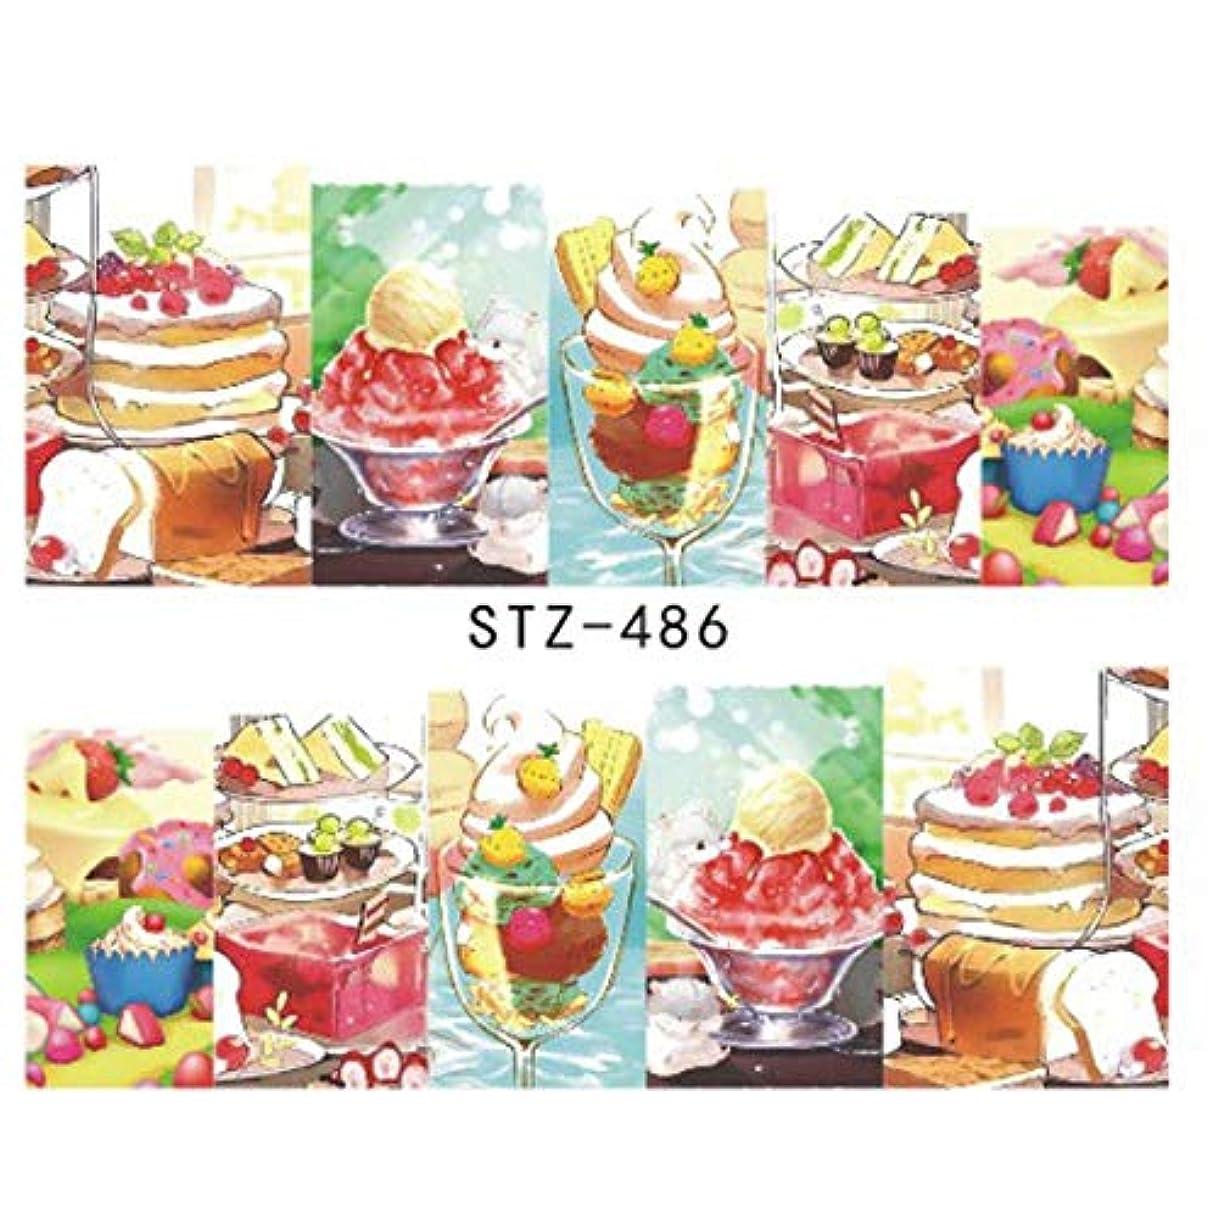 ウガンダレジデンスお祝いSUKTI&XIAO ネイルステッカー 1シートおいしいケーキクールドリンクアイスクリームスライダーネイルアート水デカールステッカー用ネイルアートタトゥー装飾マニキュア、Stz486